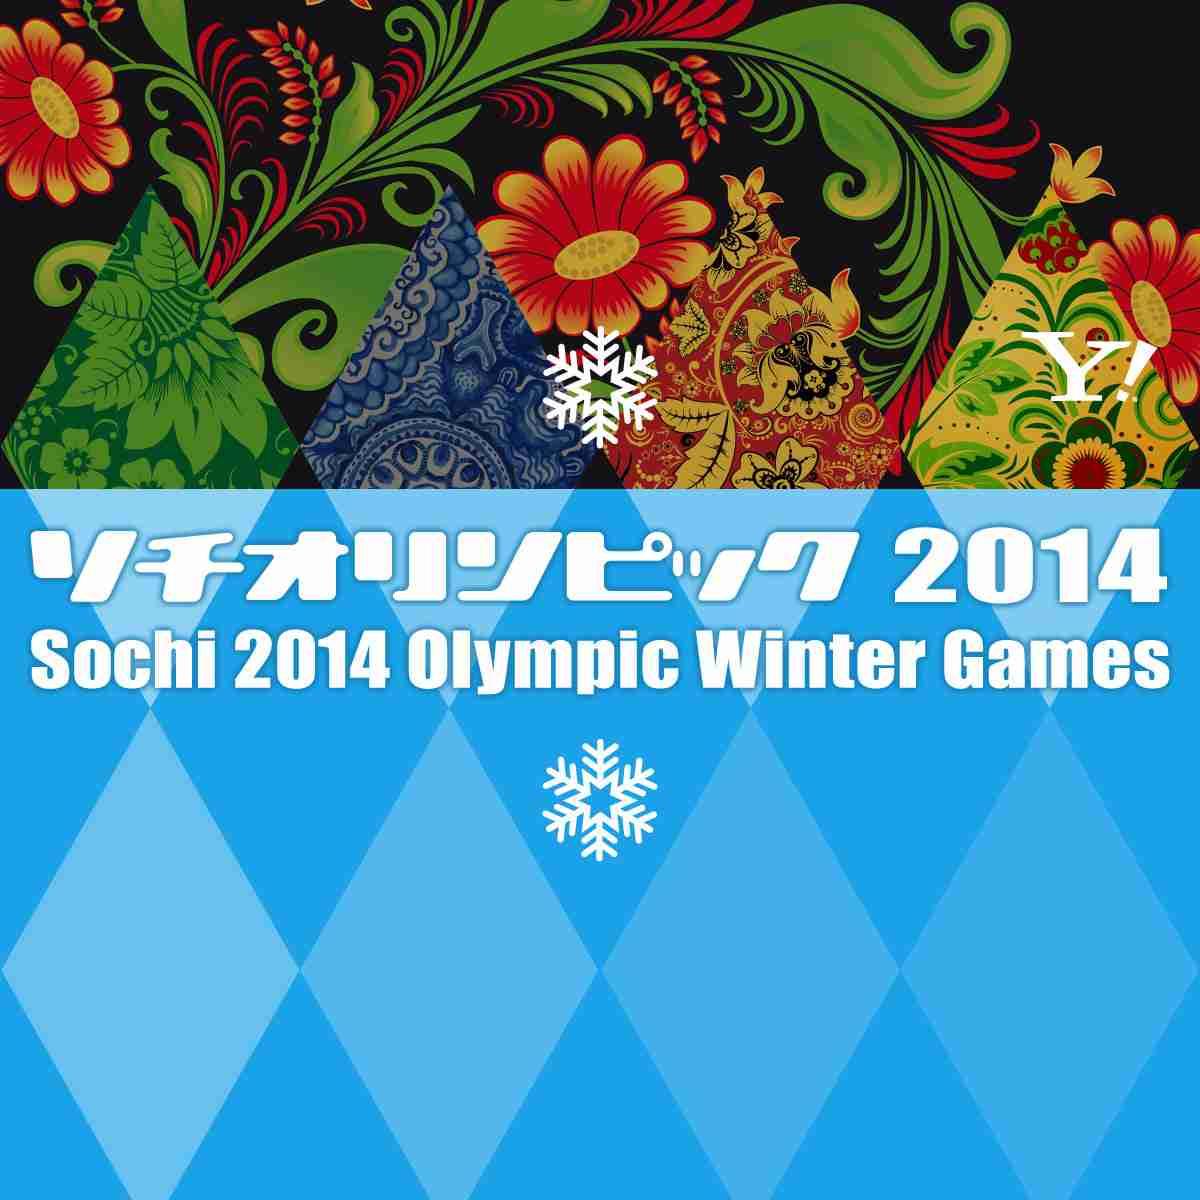 ソチオリンピック Yahoo! JAPAN - ソチ五輪:ノルディック複合 男子ノーマルヒル個人・決勝(後半) クロスカントリー - 実況チャンネル